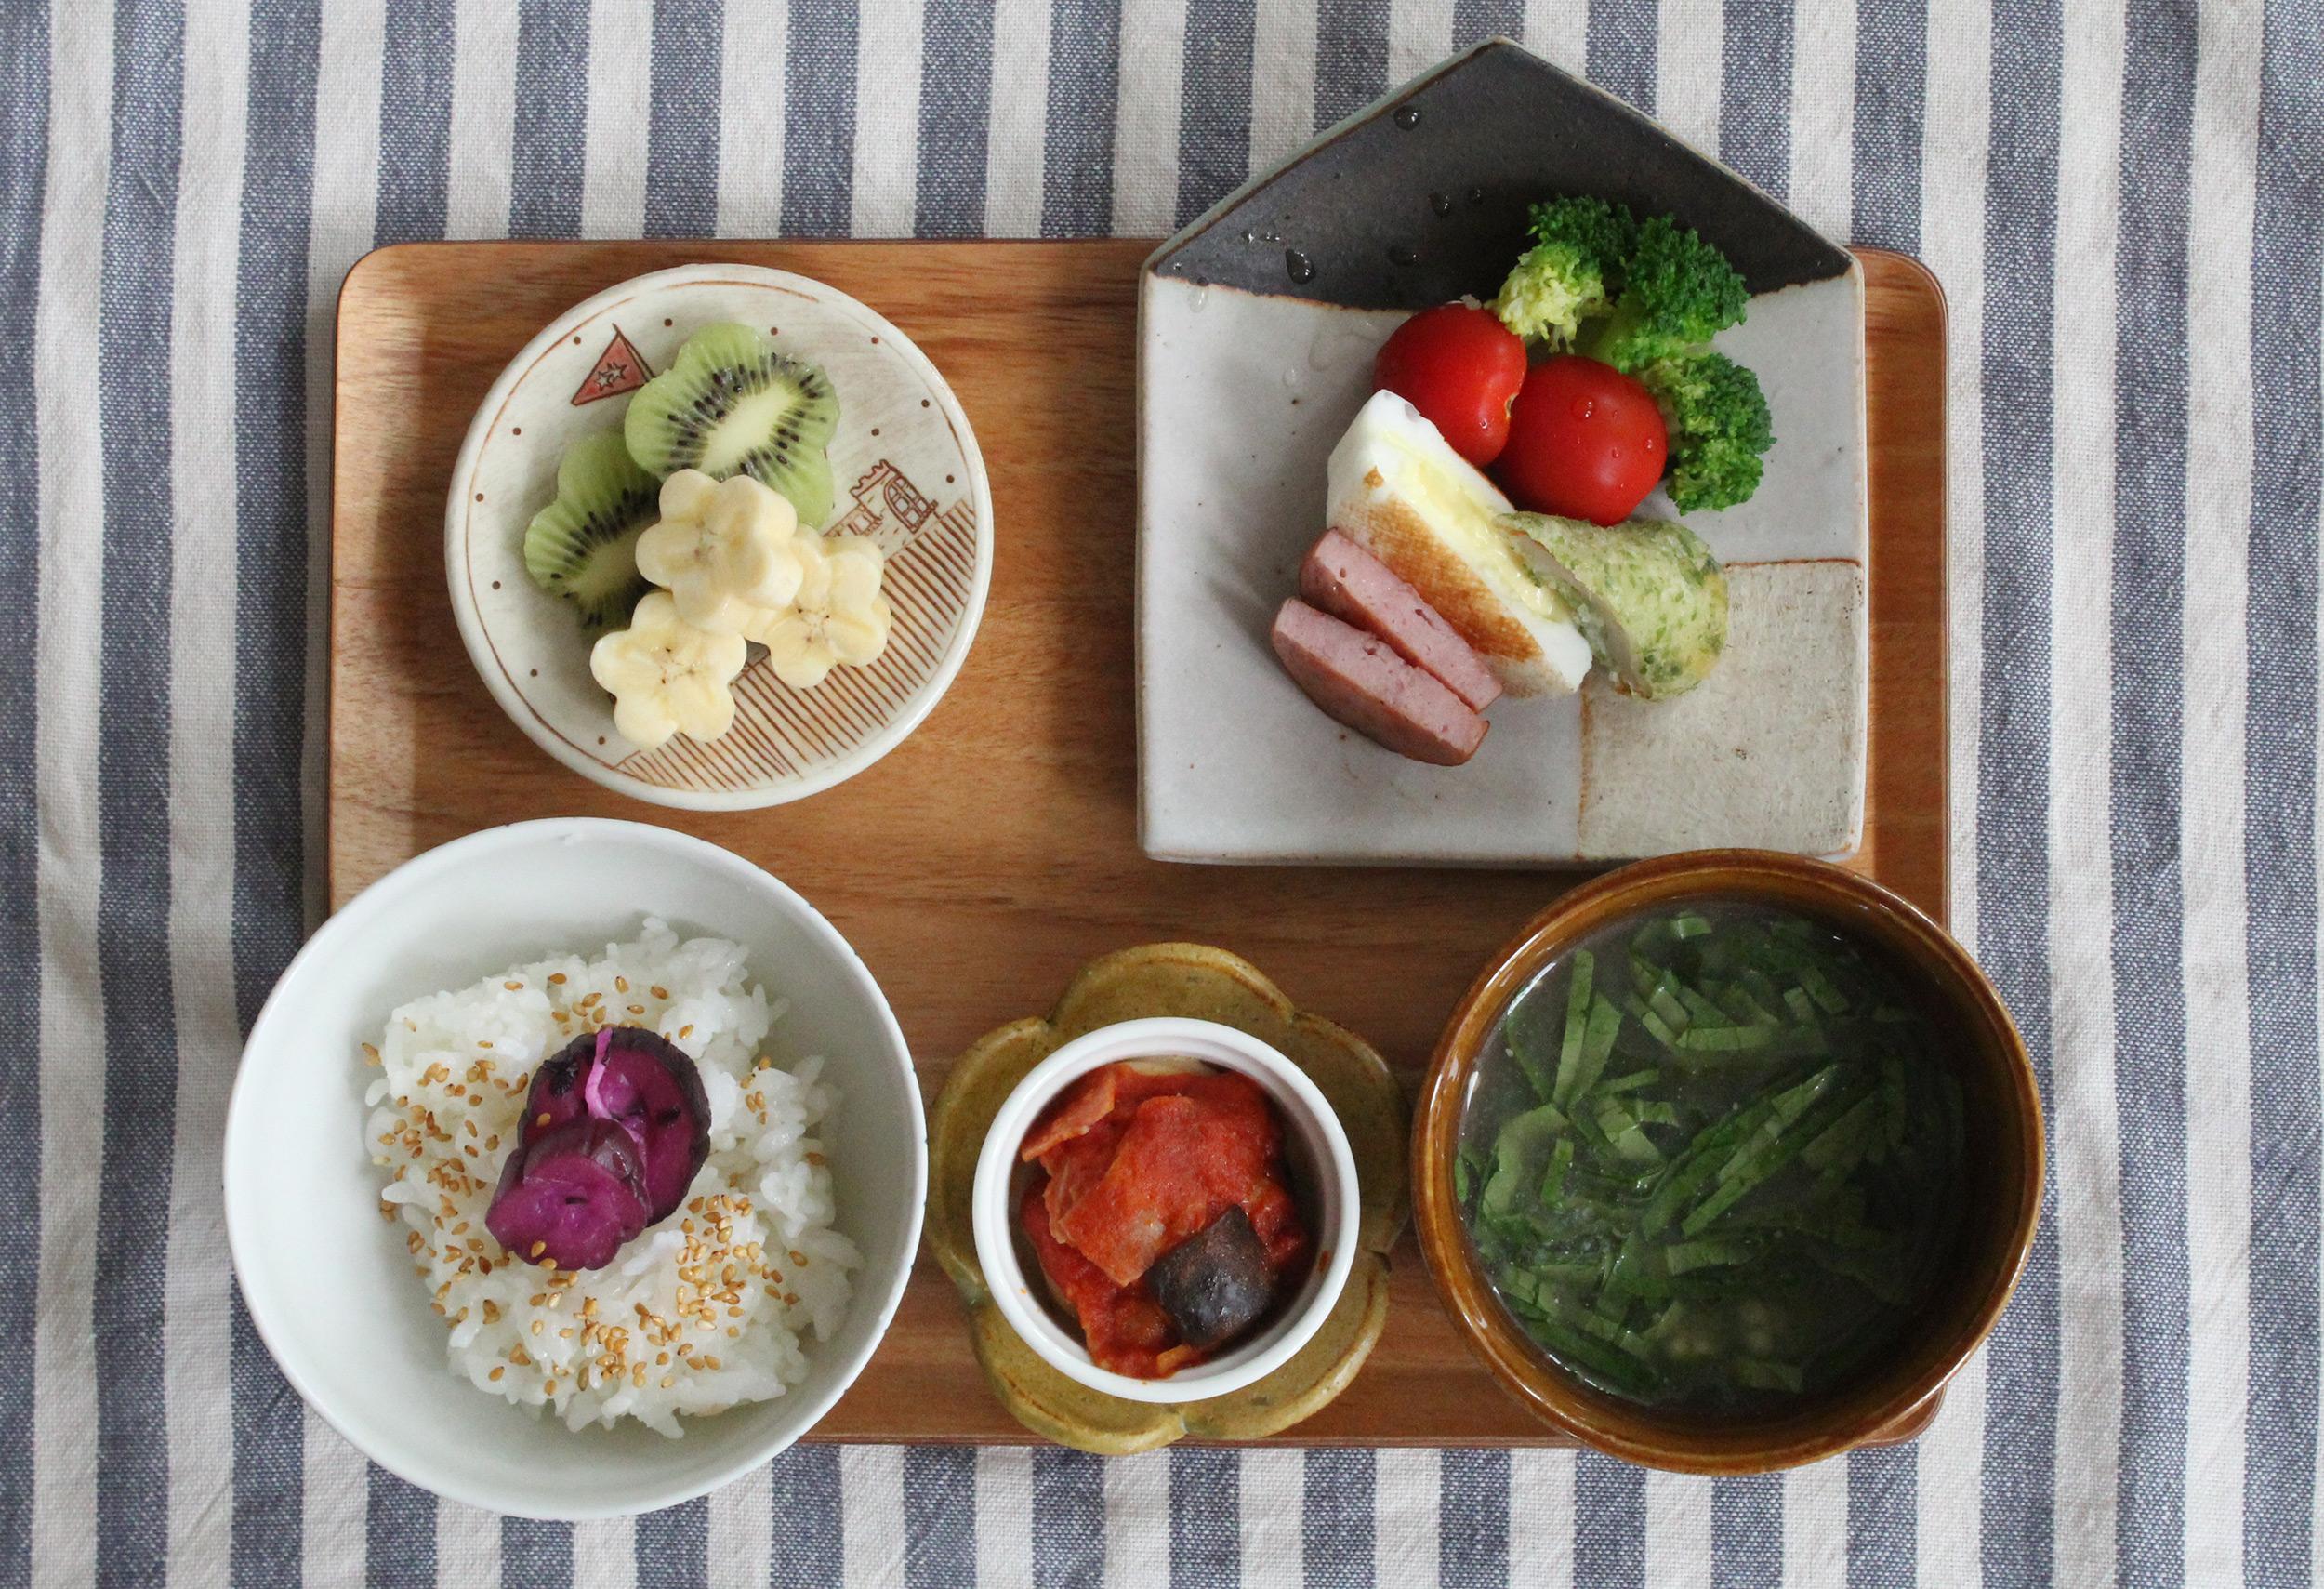 お弁当おかずの残りで和風おこさま定食-朝ごはんの献立と盛り付け